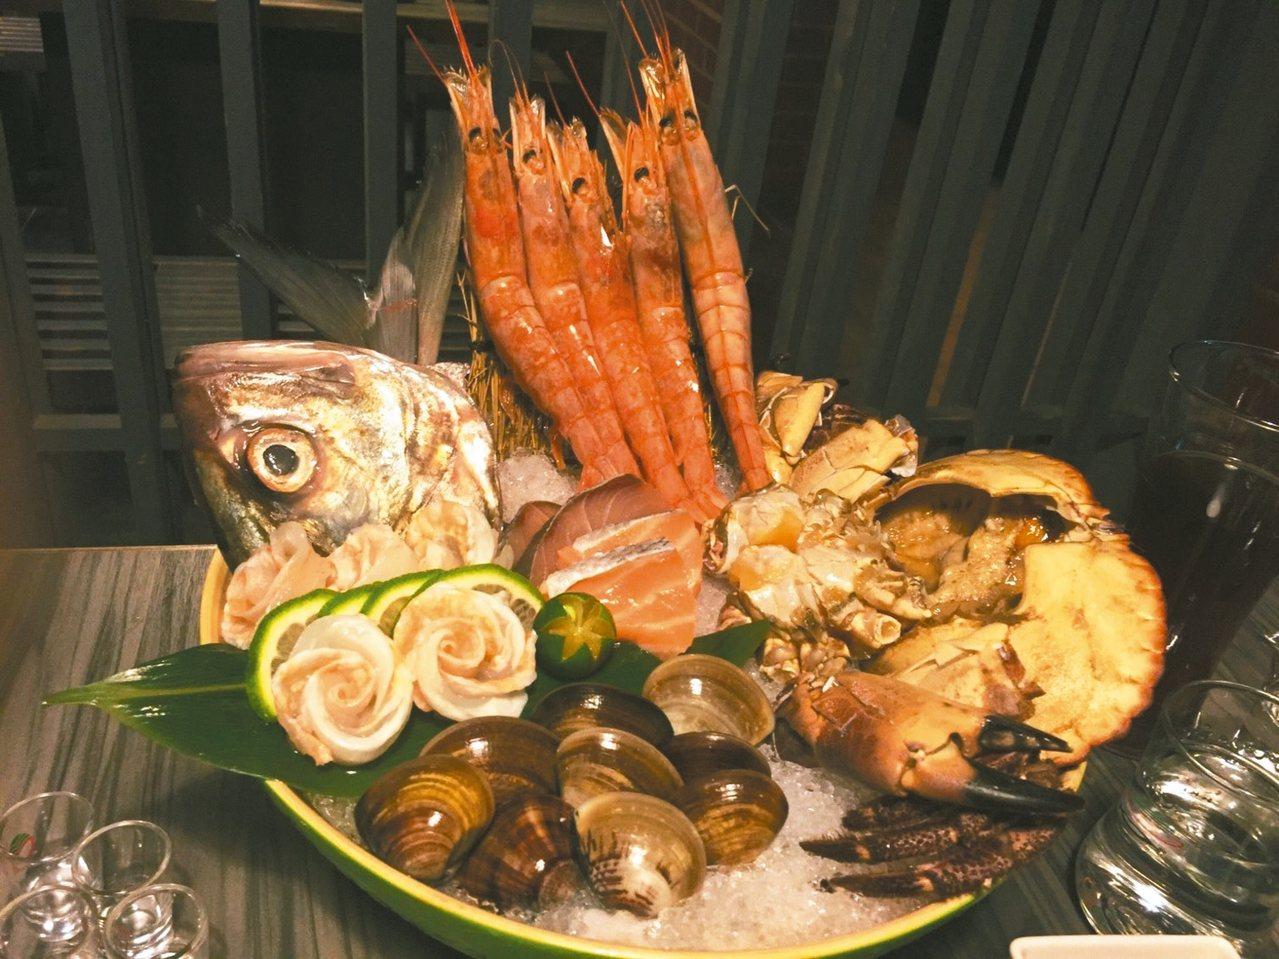 六合極品海鮮鍋物店以頂級海鮮聞名(圖),肉品油花分布漂亮,肉質甜。 記者蔡家蓁/...